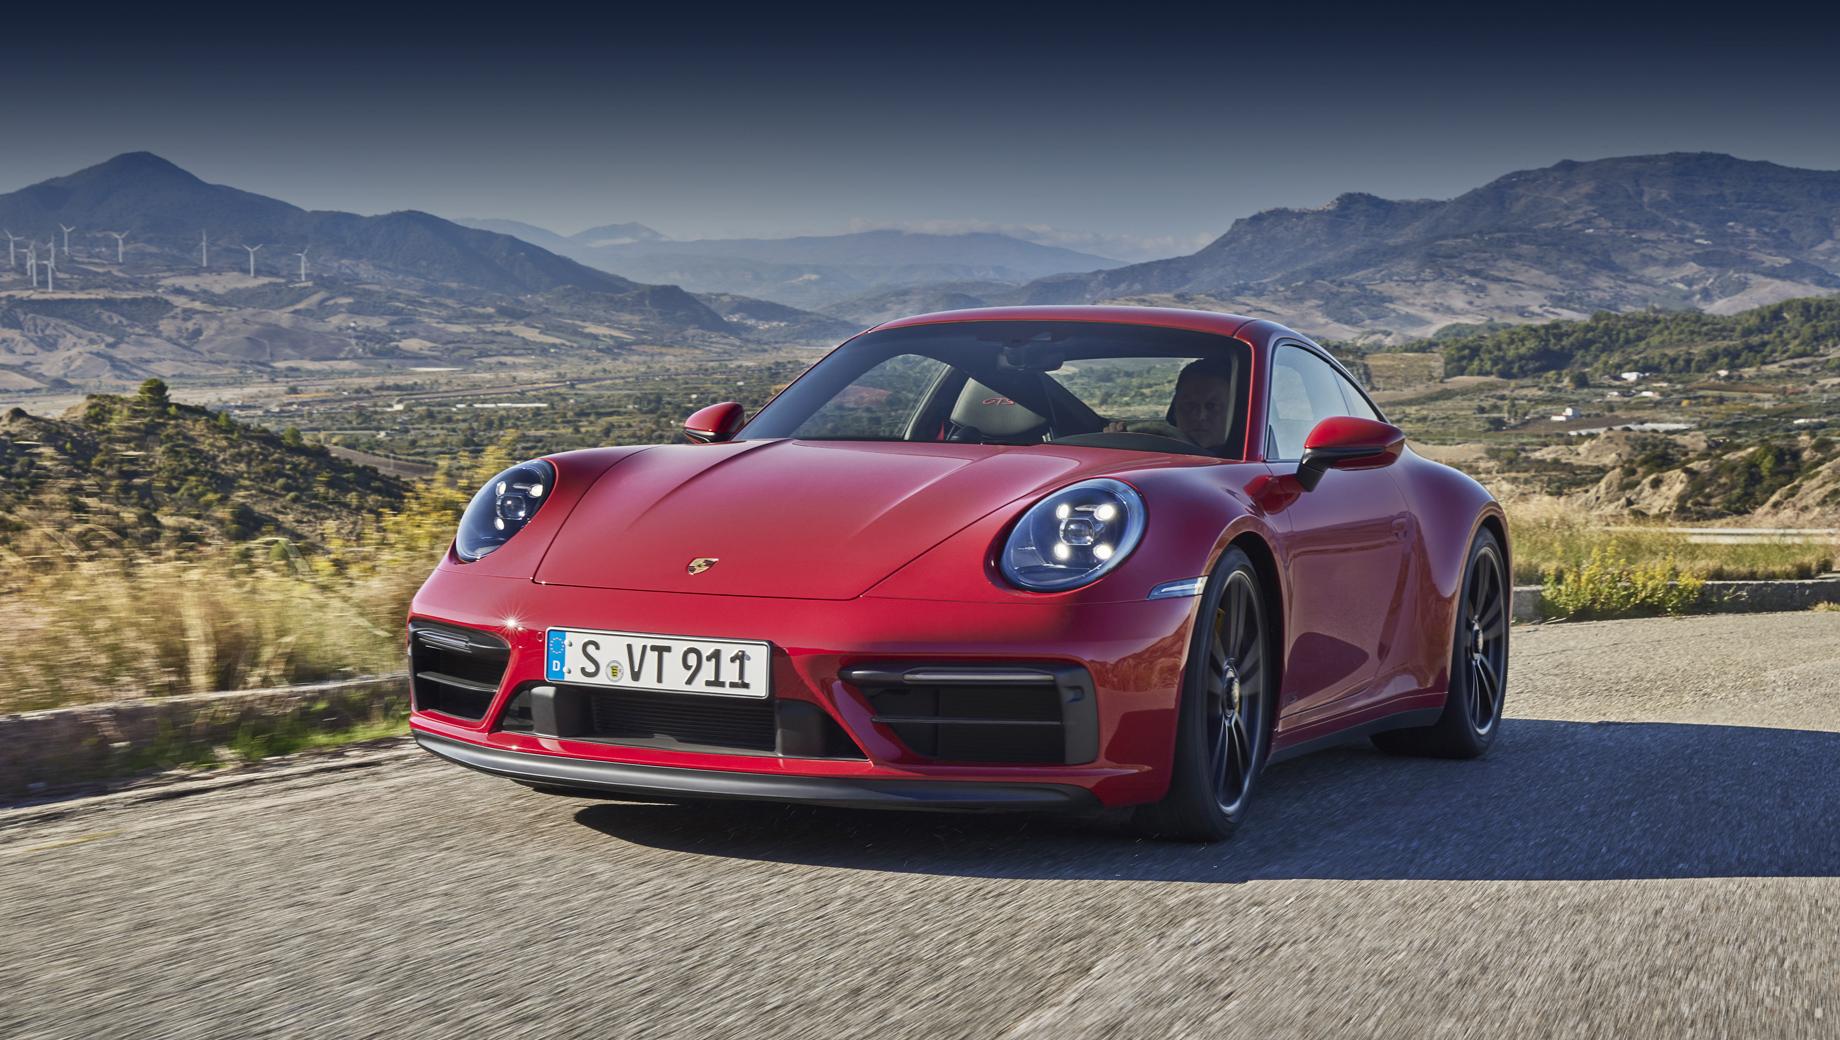 Porsche 911,Porsche 911 gts. Для GTS характерен чёрный либо затемнённый декор, включая шильдики и надписи, оправы фар, а на тарге ещё и дугу. Есть акценты, окрашенные в шелковисто-чёрный или глянцево-чёрный на выбор (решётка крышки двигателя и ряд других). Всем GTS положен пакет Sport Design с особым оформлением передней, задней частей и порогов.